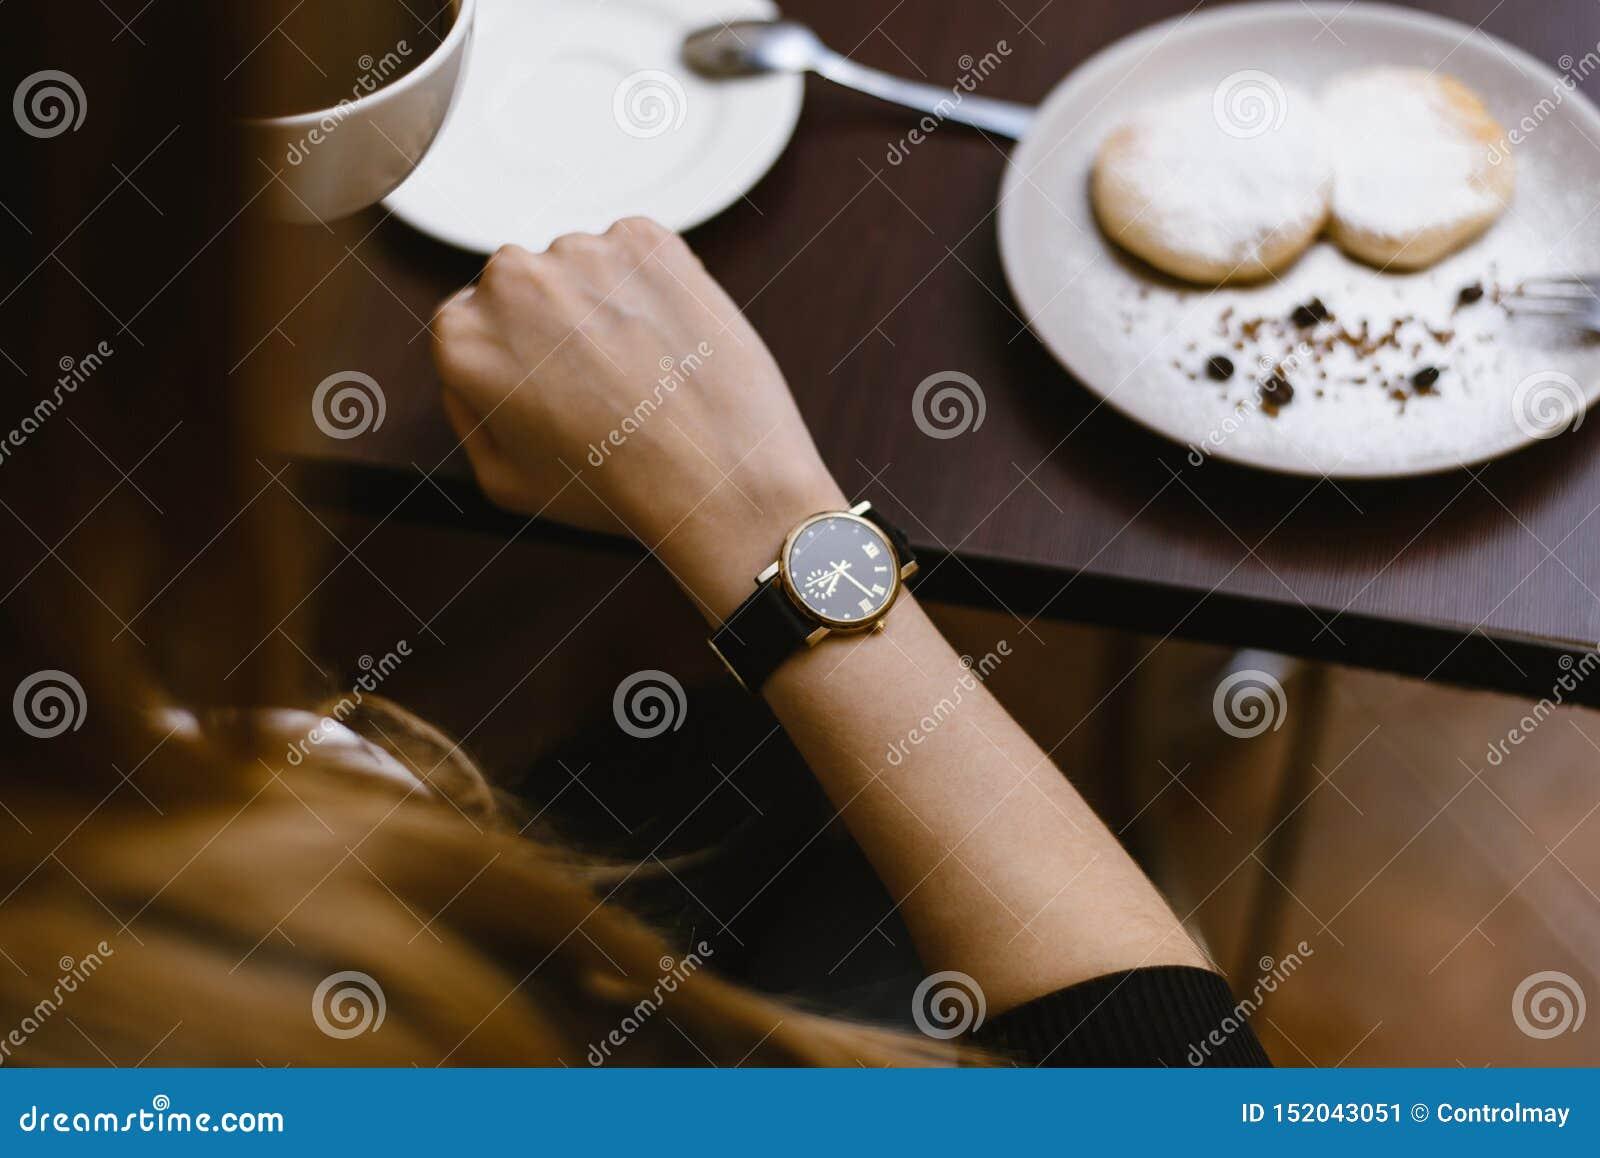 Το κορίτσι εξετάζει το ρολόι σε έναν καφέ πέρα από ένα φλιτζάνι του καφέ χρόνος στο ρολόι - ο χρόνος για το πρόγευμα, επιδόρπιο